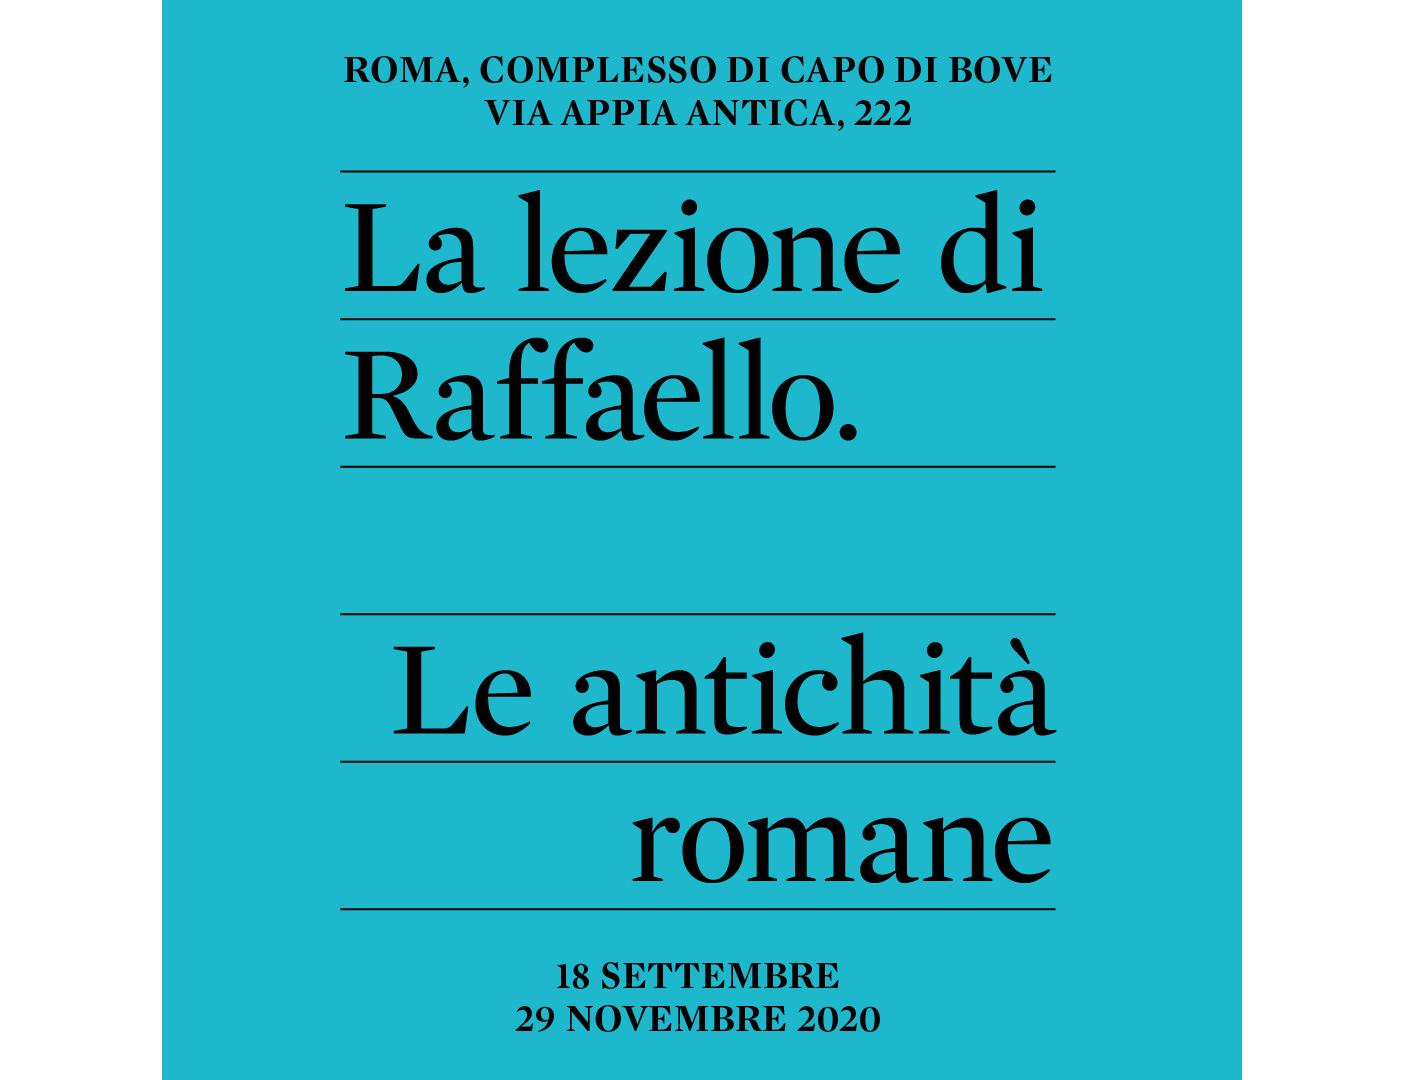 La lezione di Raffaello. Le antichità romane. Dal 18 settembre a Capo di Bove sull'Appia Antica